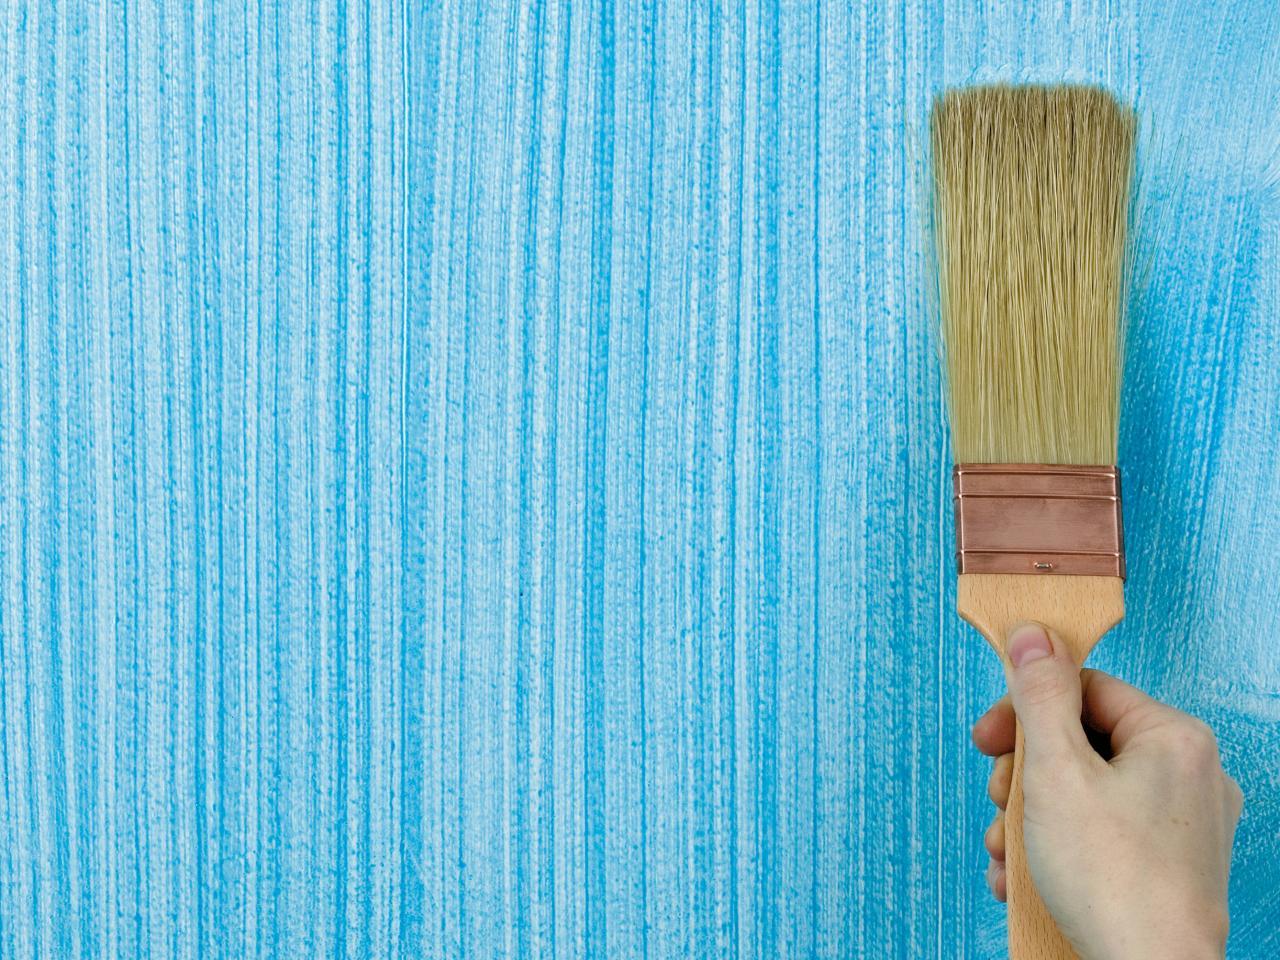 Покраска стен водоэмульсионной краской дизайн фото идеи